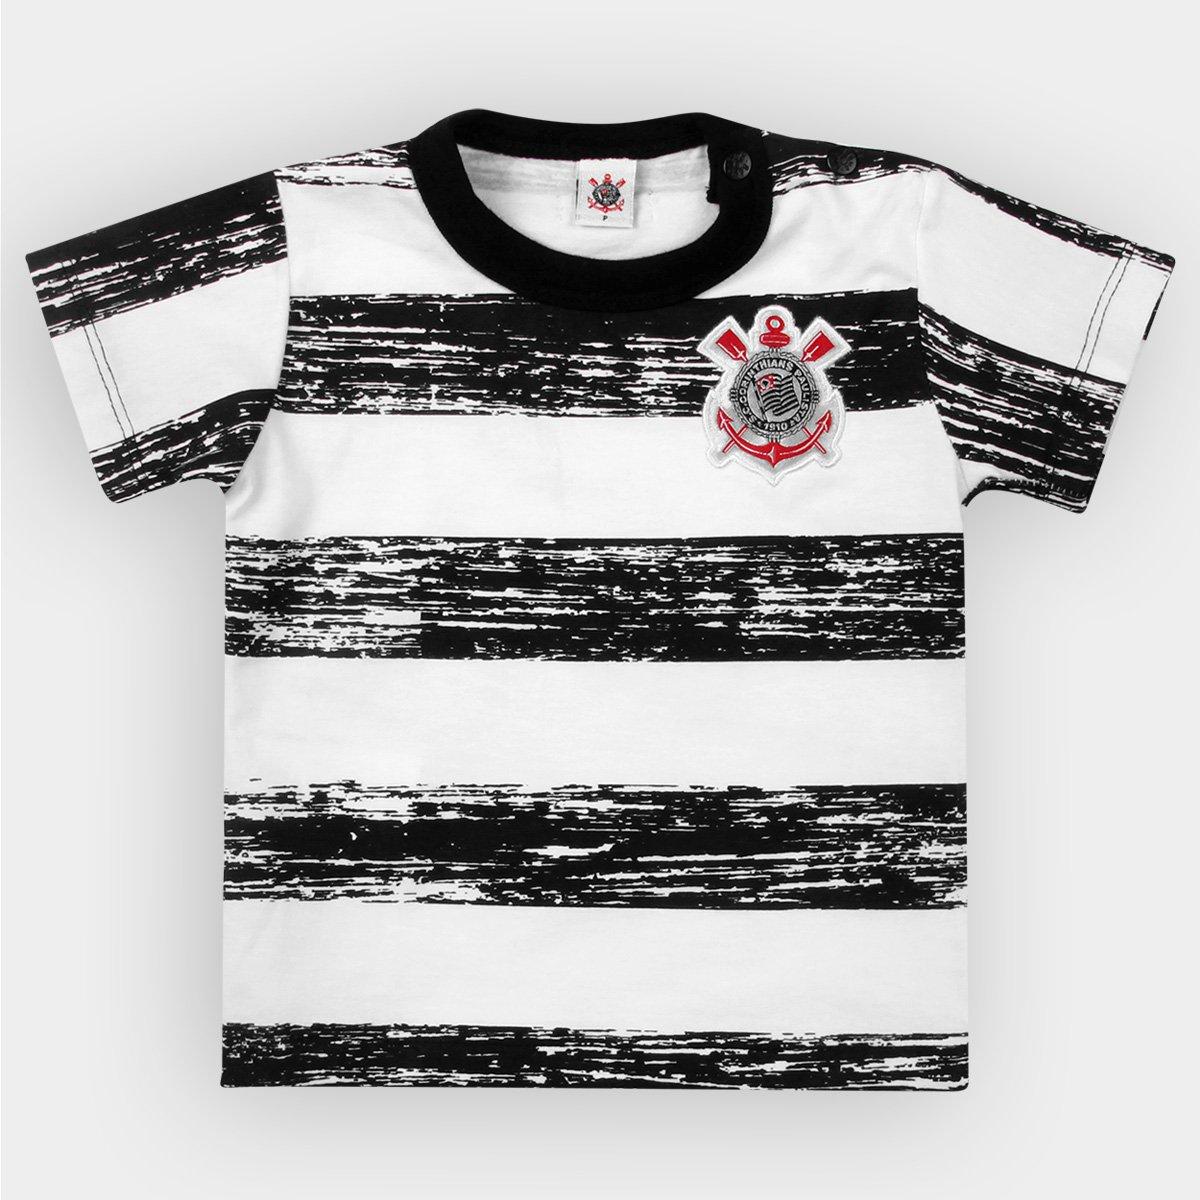 4de361fae2b13 Camiseta Corinthians Bebê Listras Craqueladas - Preto e Branco - Compre  Agora